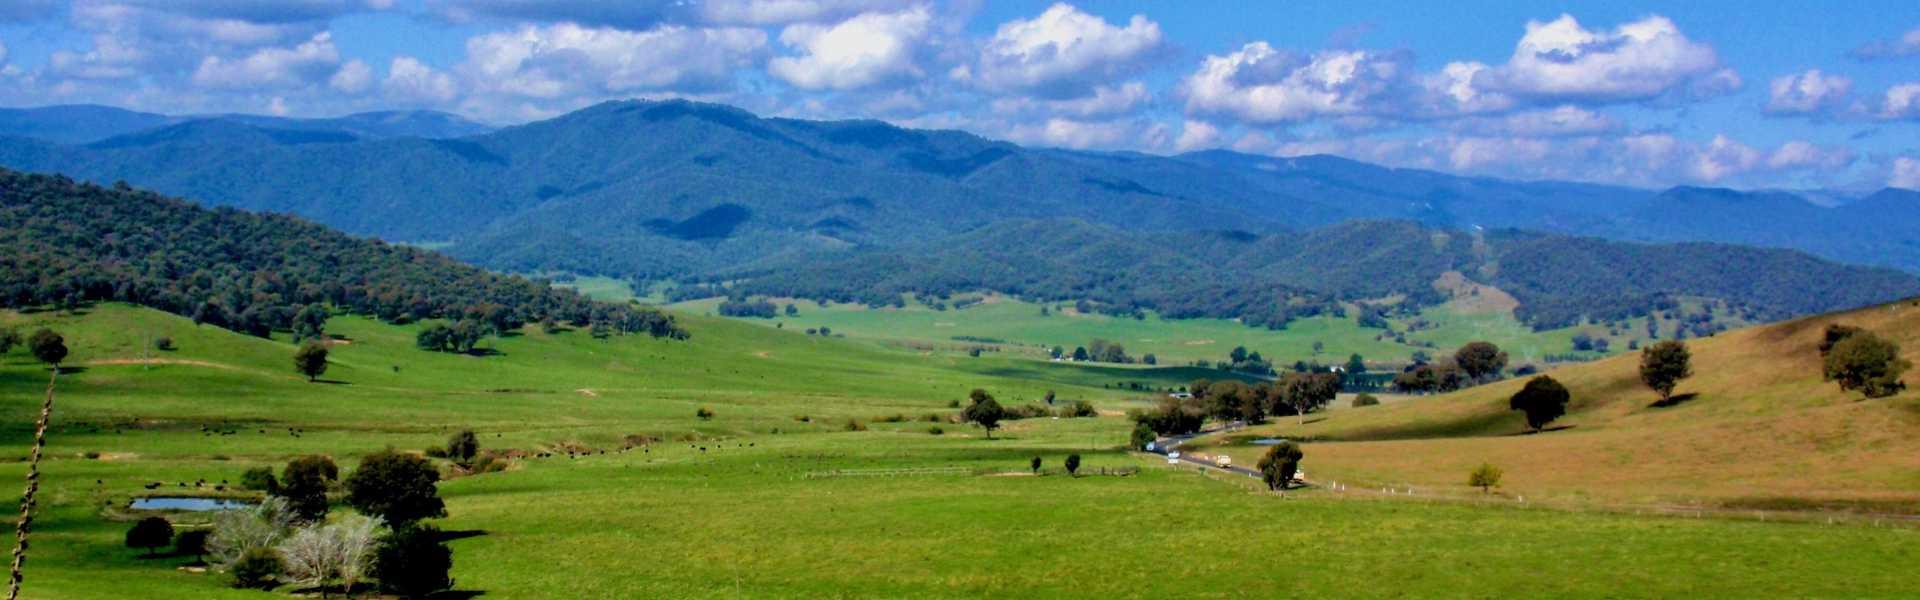 NSW Snowy Mountains